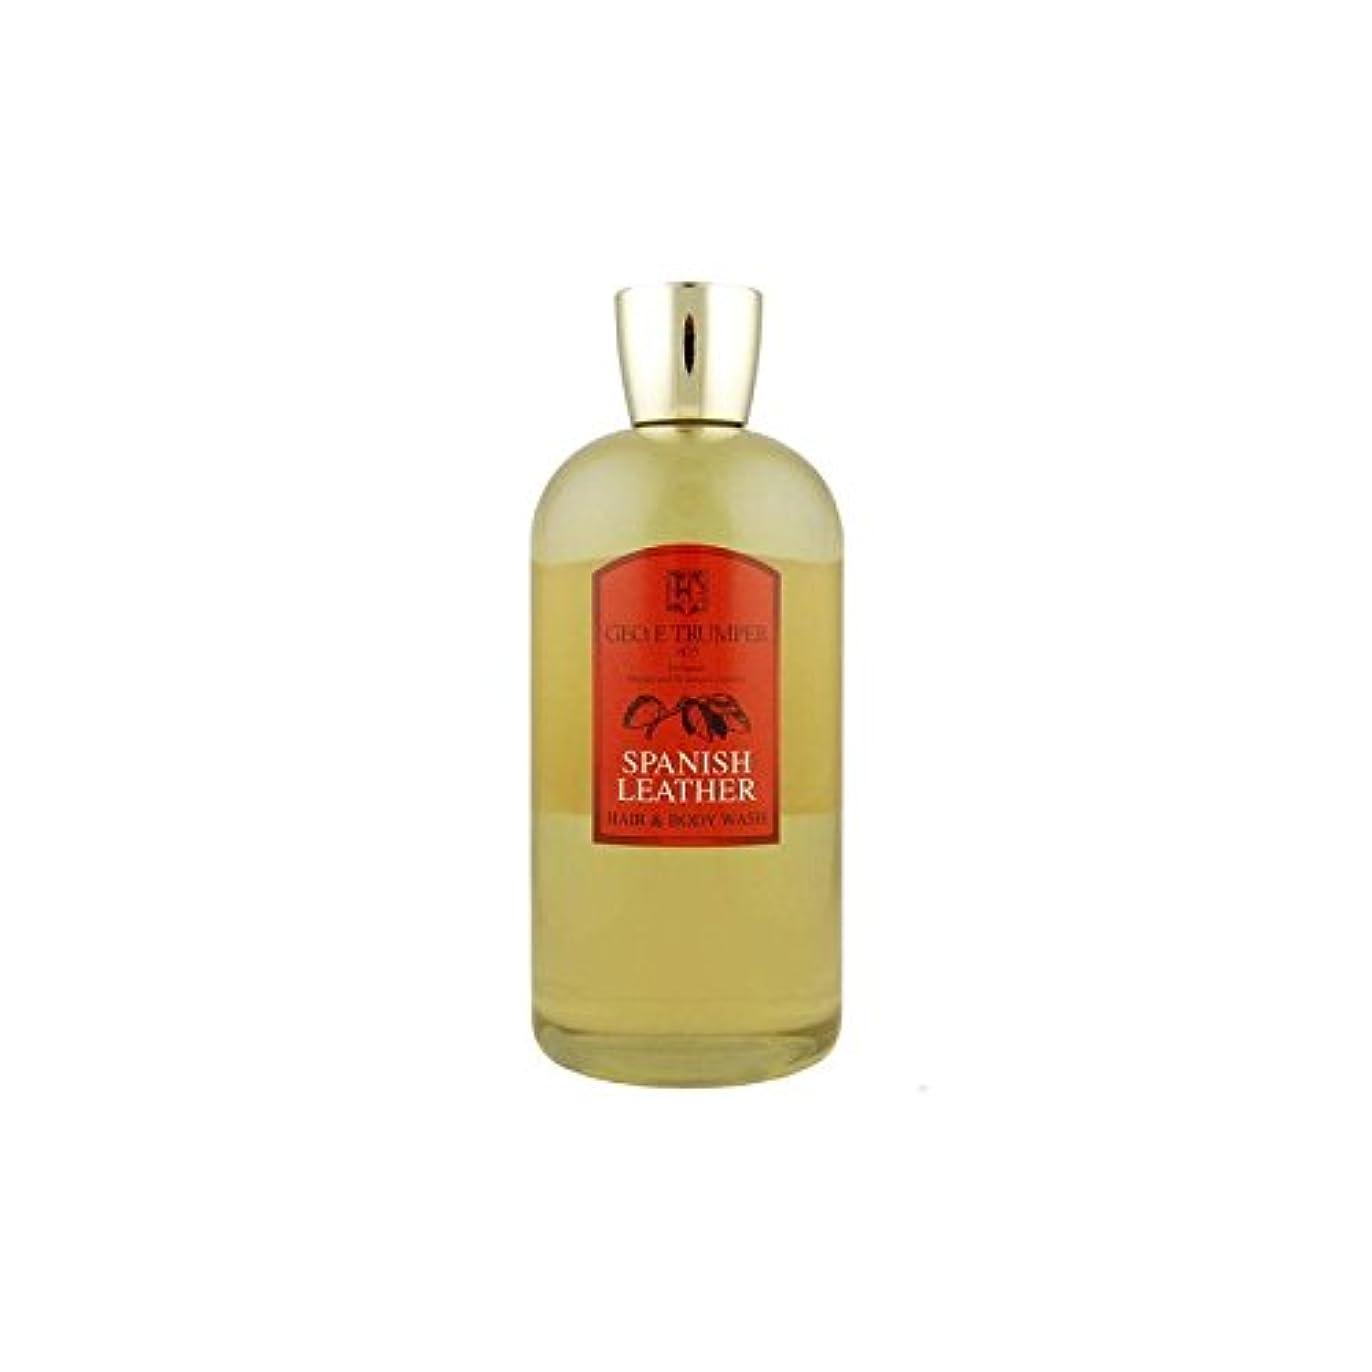 食べる鑑定にTrumpers Spanish Leather Hair and Body Wash - 500mlTravel Bottle (Pack of 6) - 革の髪とボディウォッシュスペイン語 - 500ボトル x6 [...